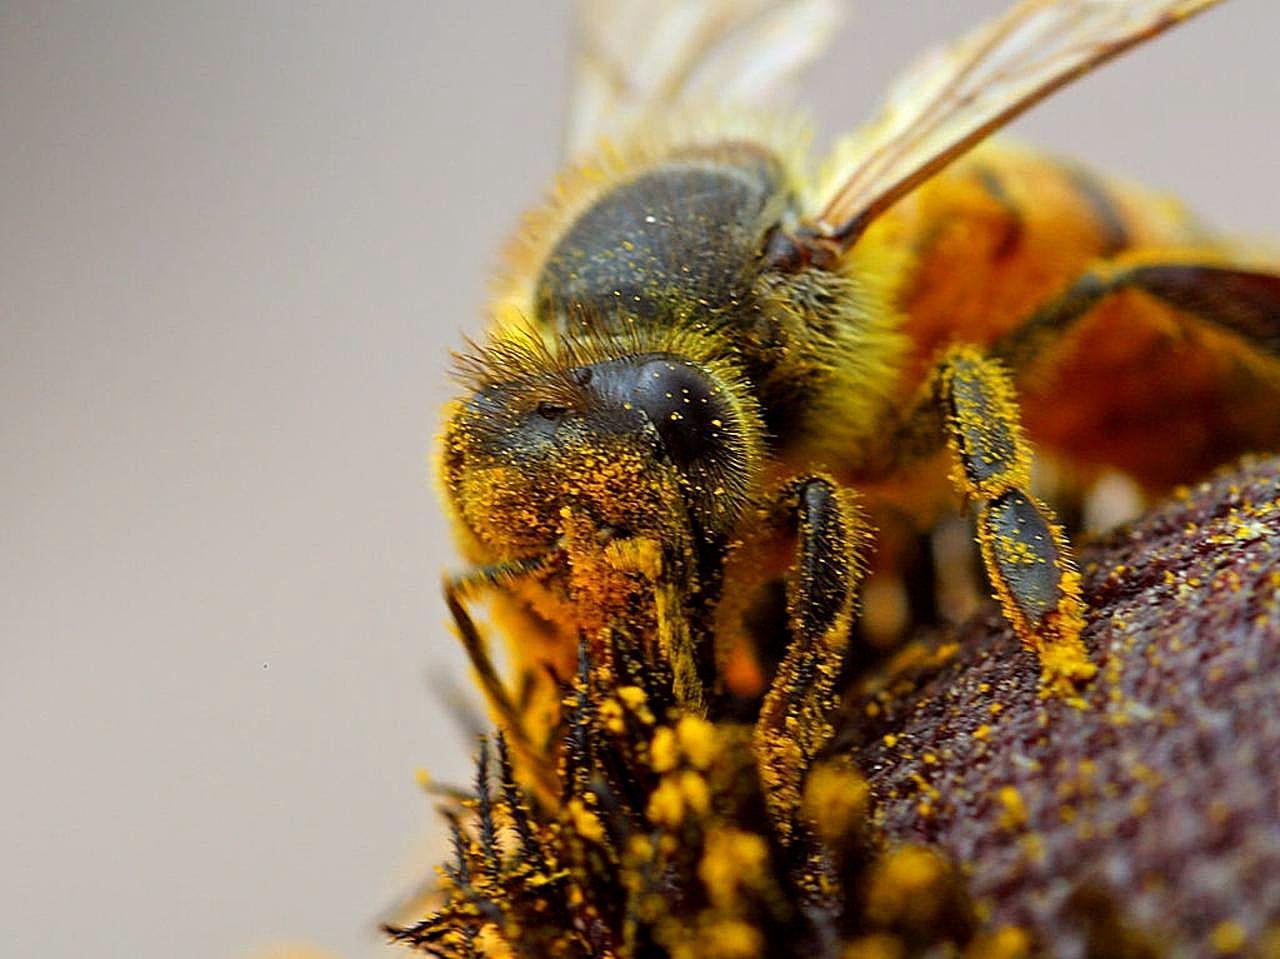 File:Honeybee apis mel...